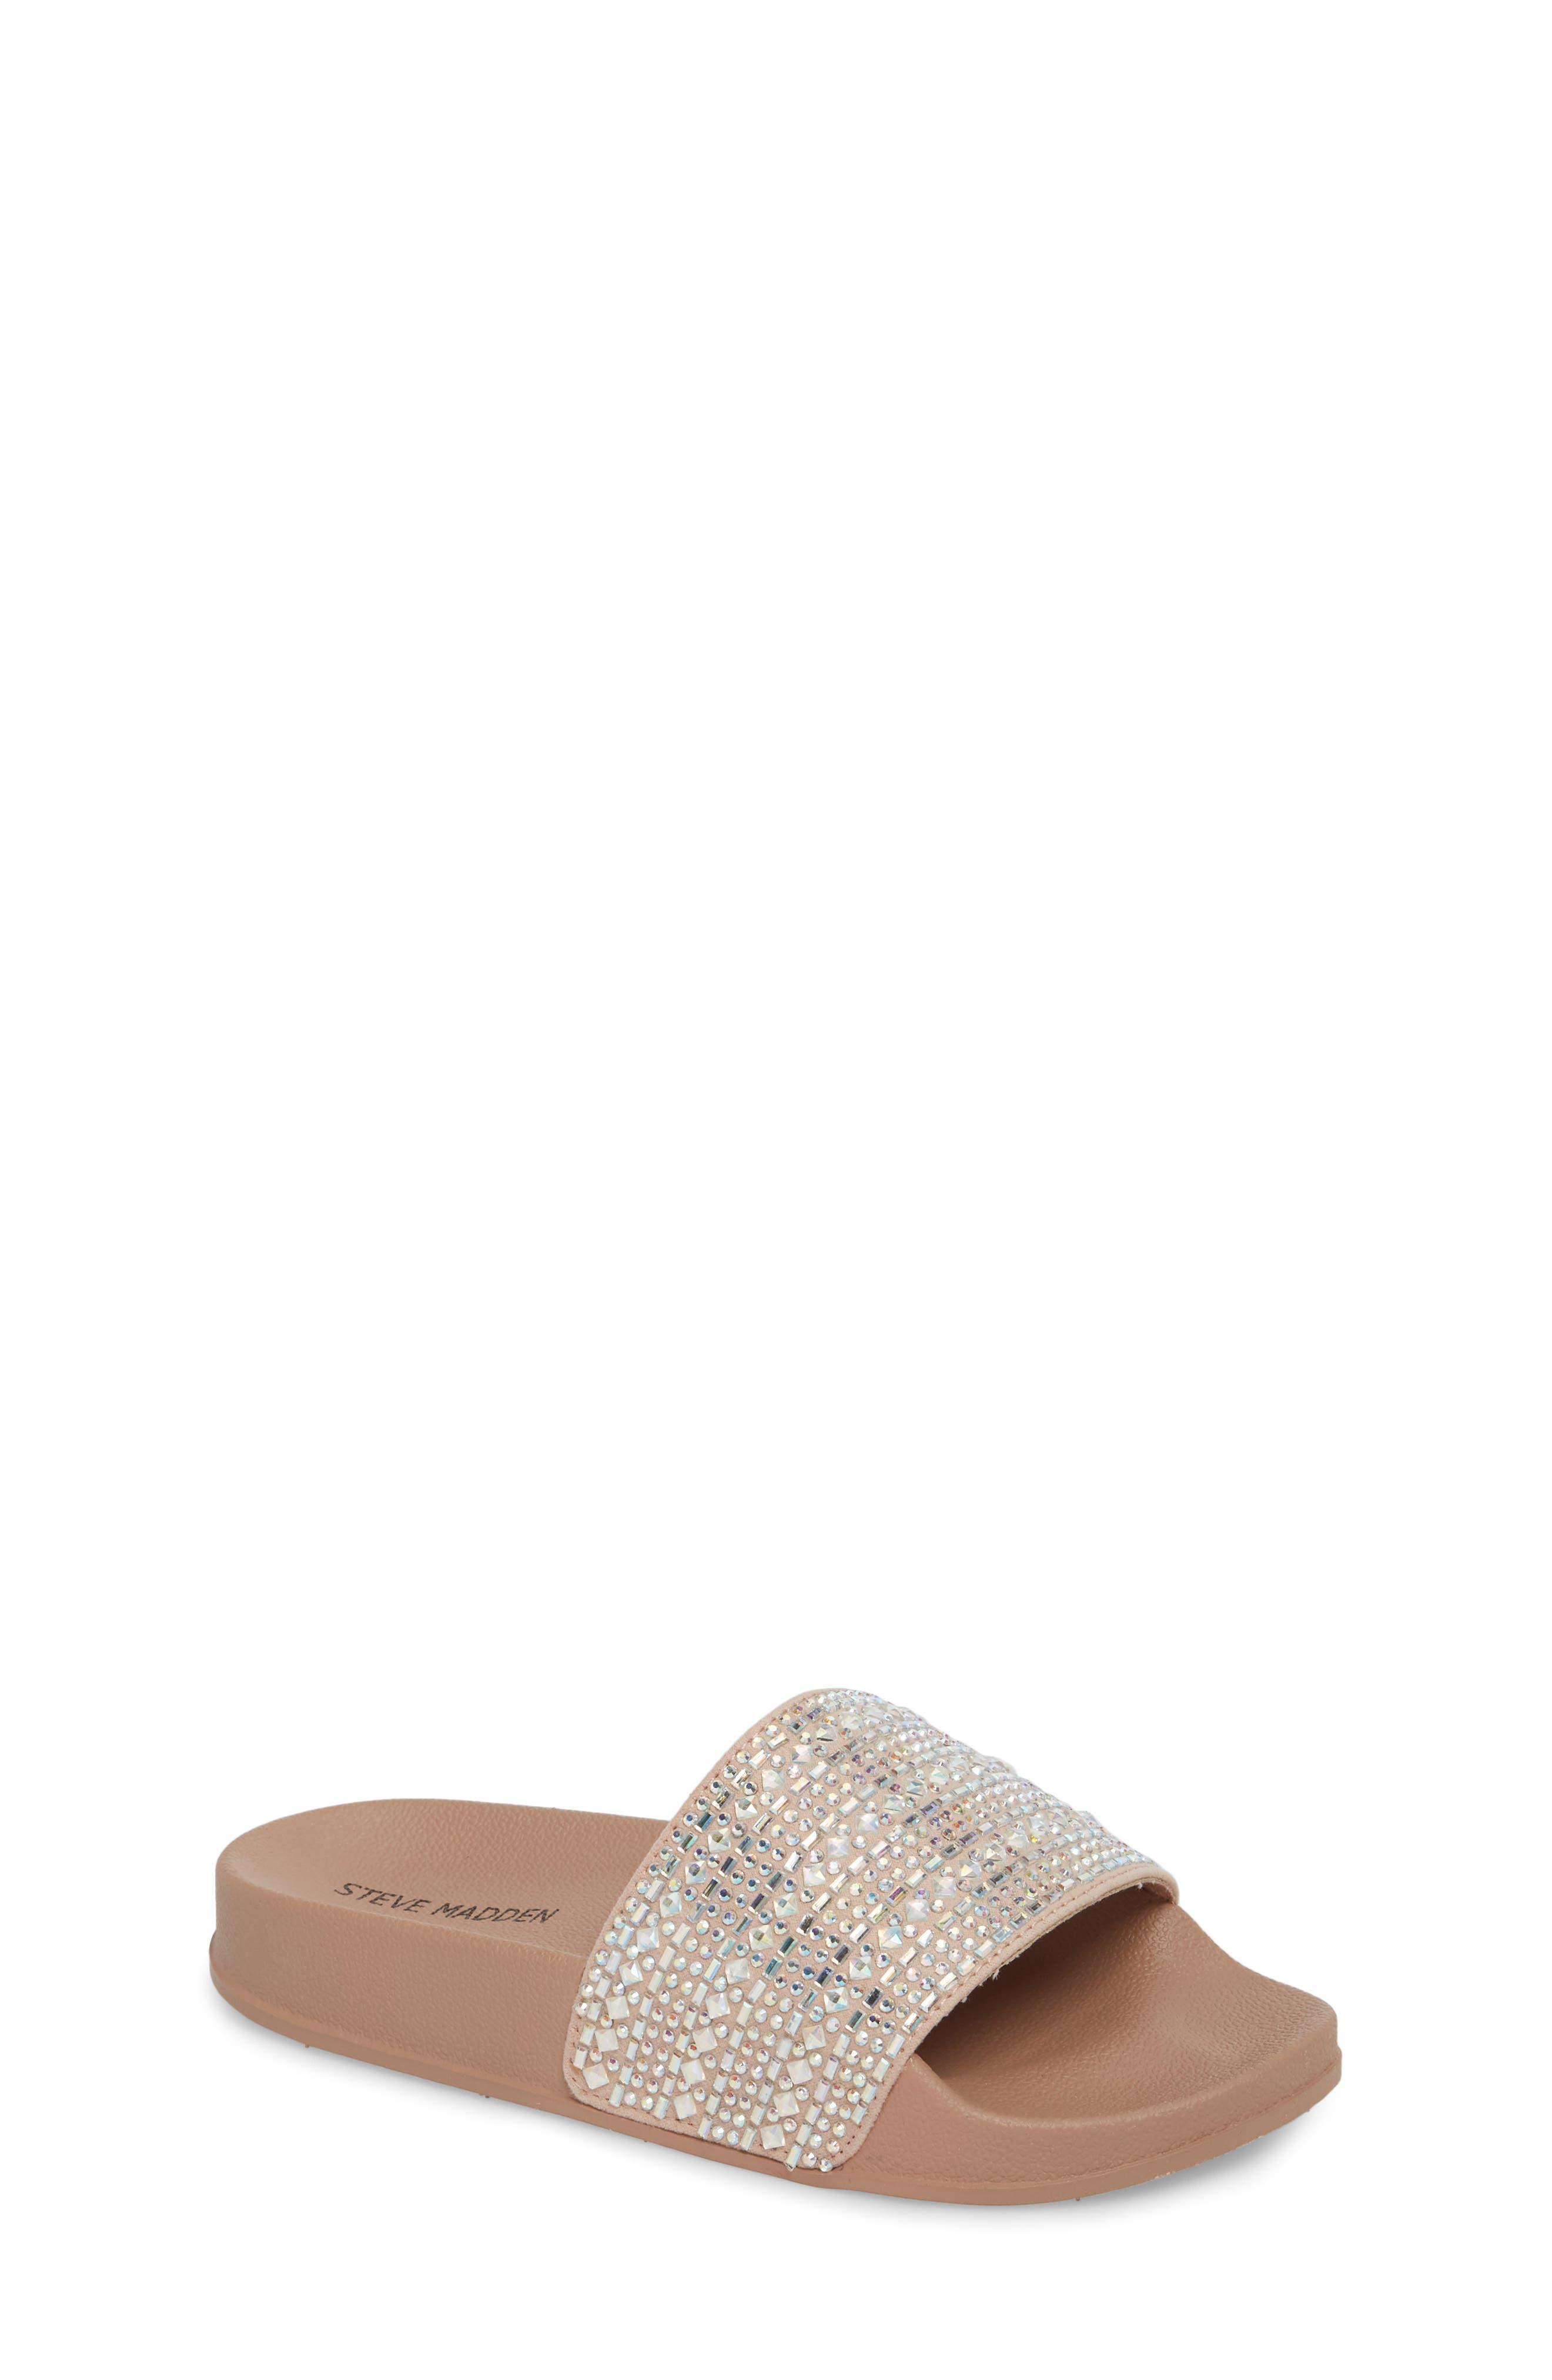 JDAZZLE Crystal Embellished Slide Sandal,                         Main,                         color, 675